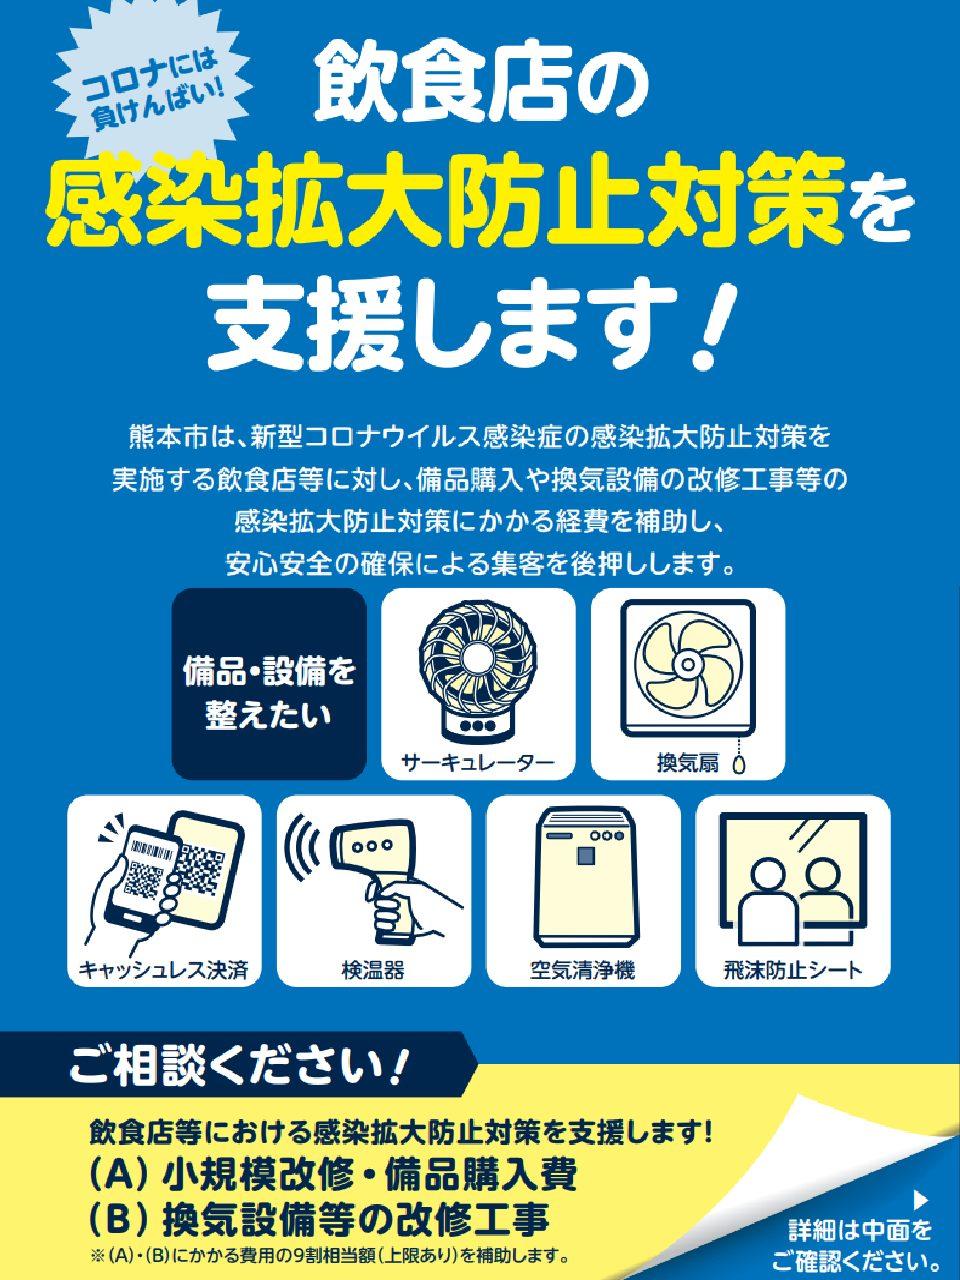 【熊本市】 飲食店等における感染防止対策支援について